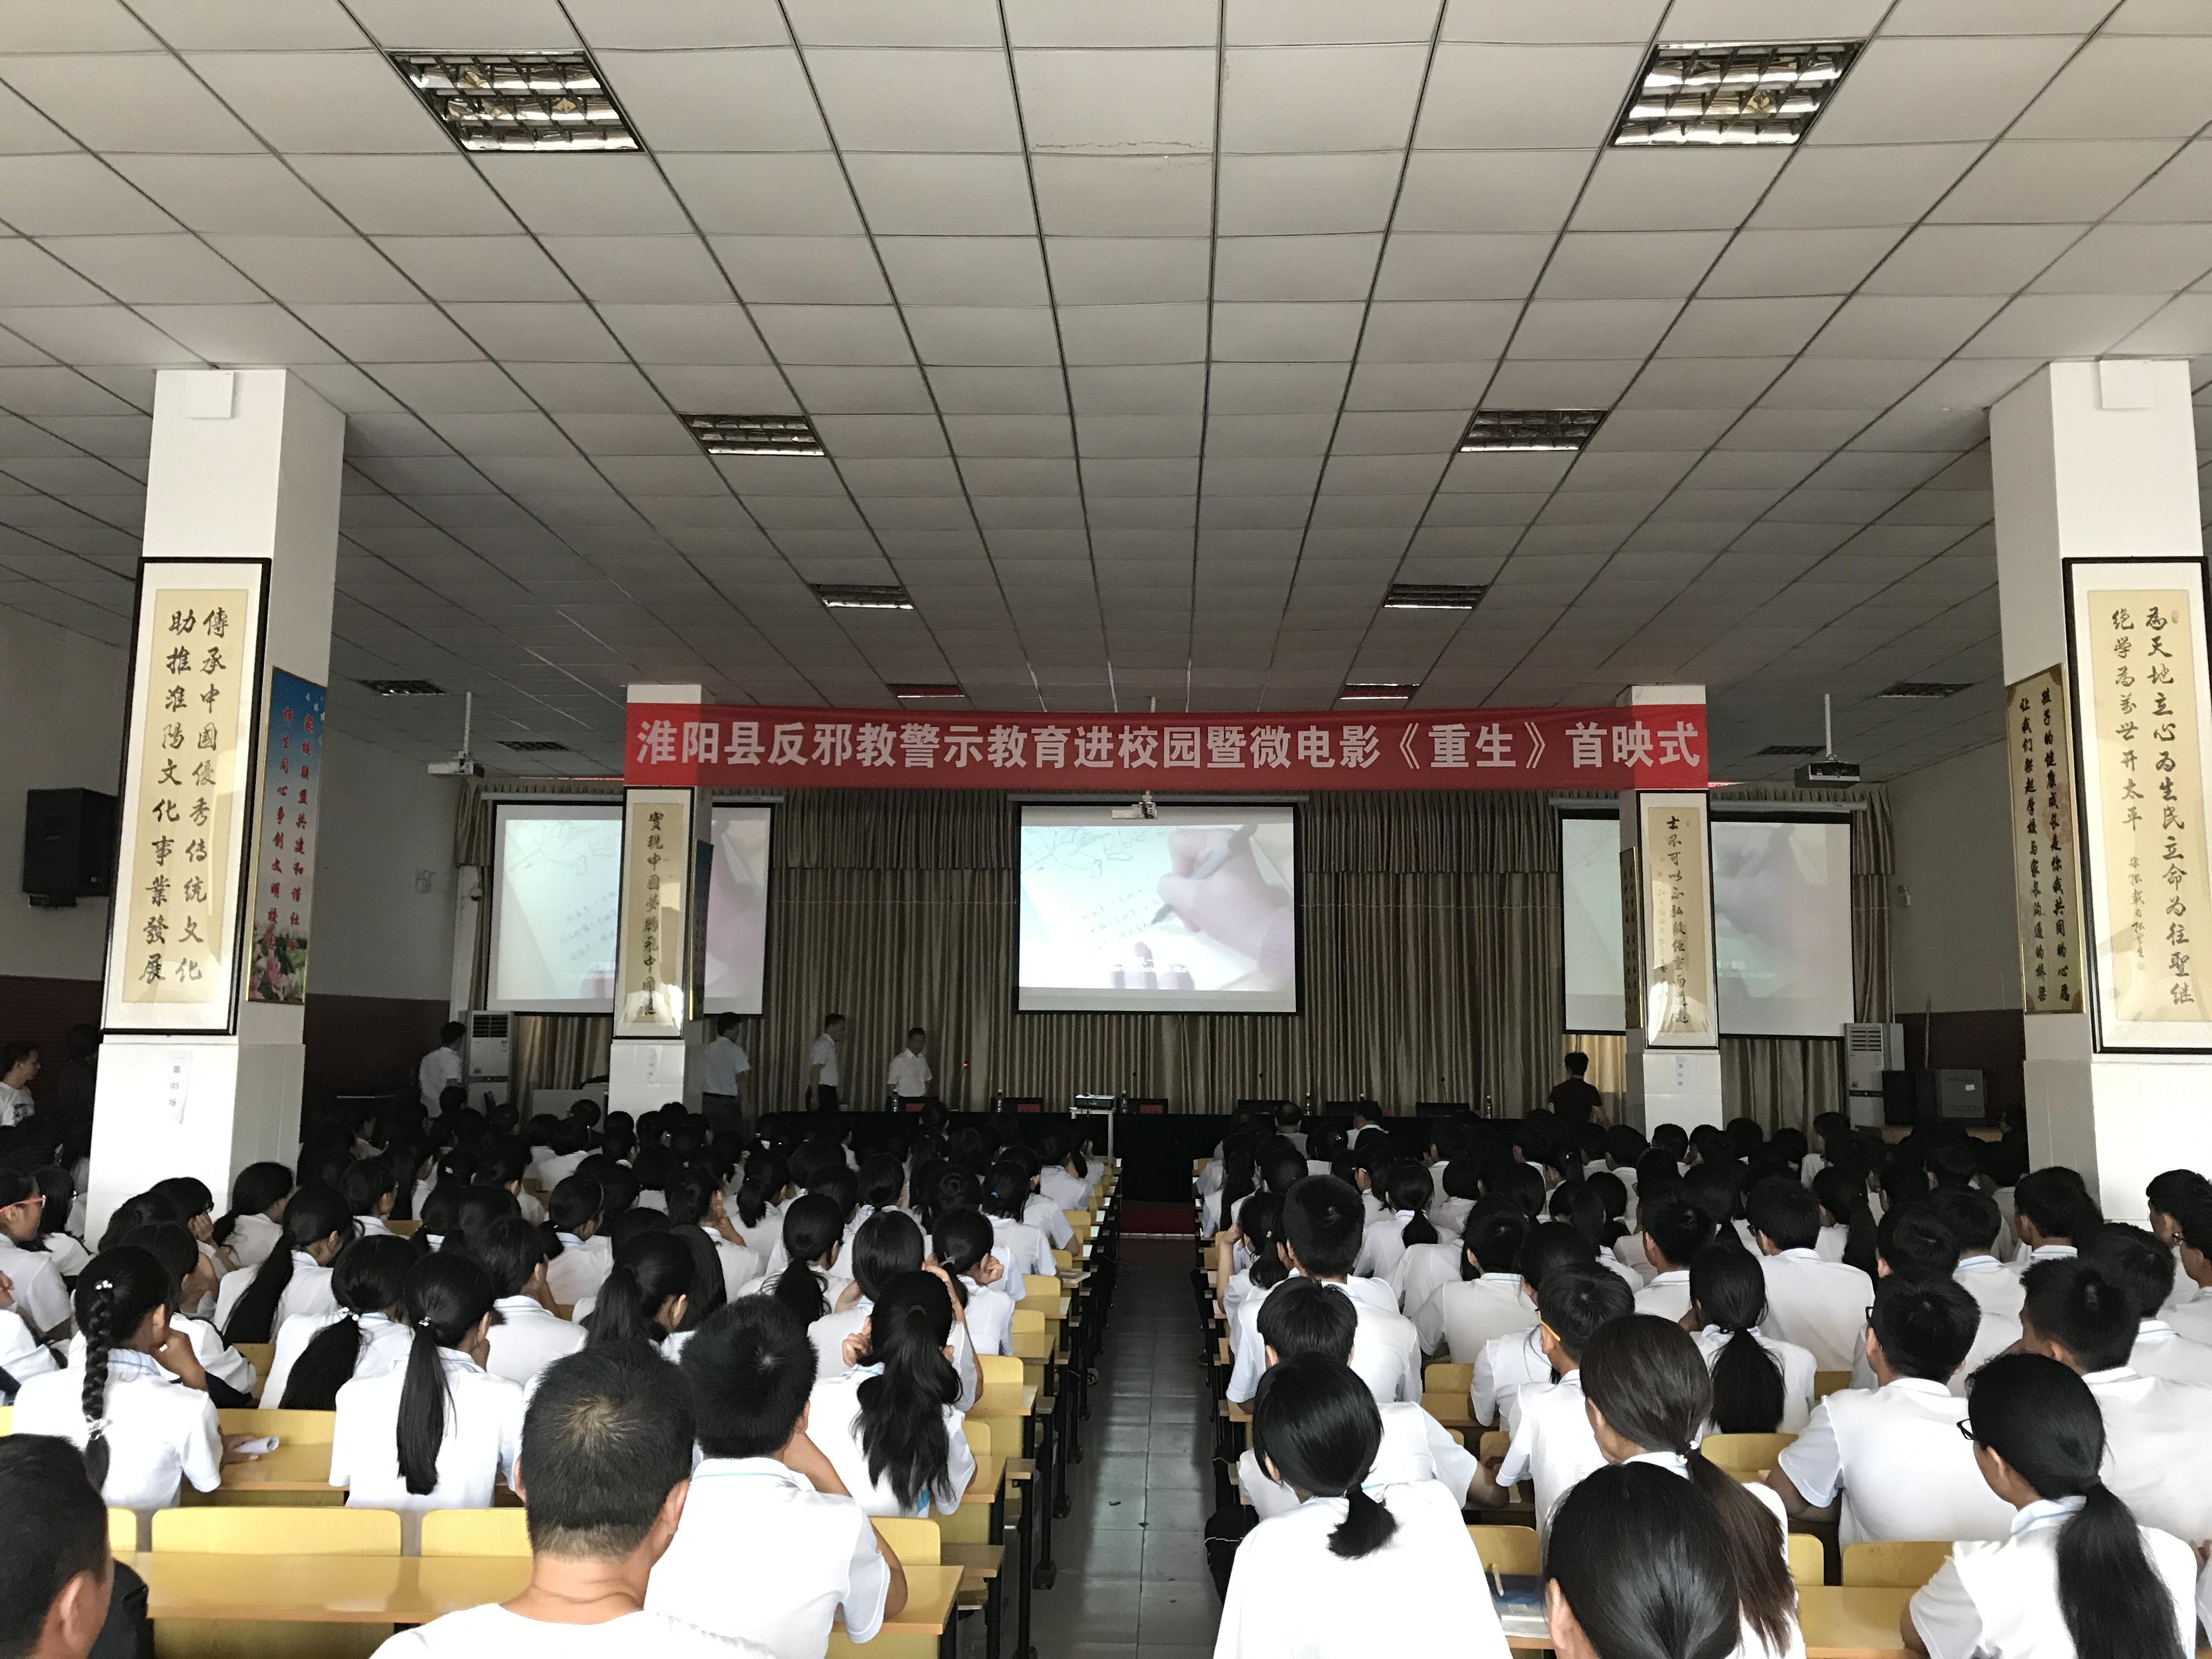 微电影《重生》走进陈州高级中学暨首映式成功举行